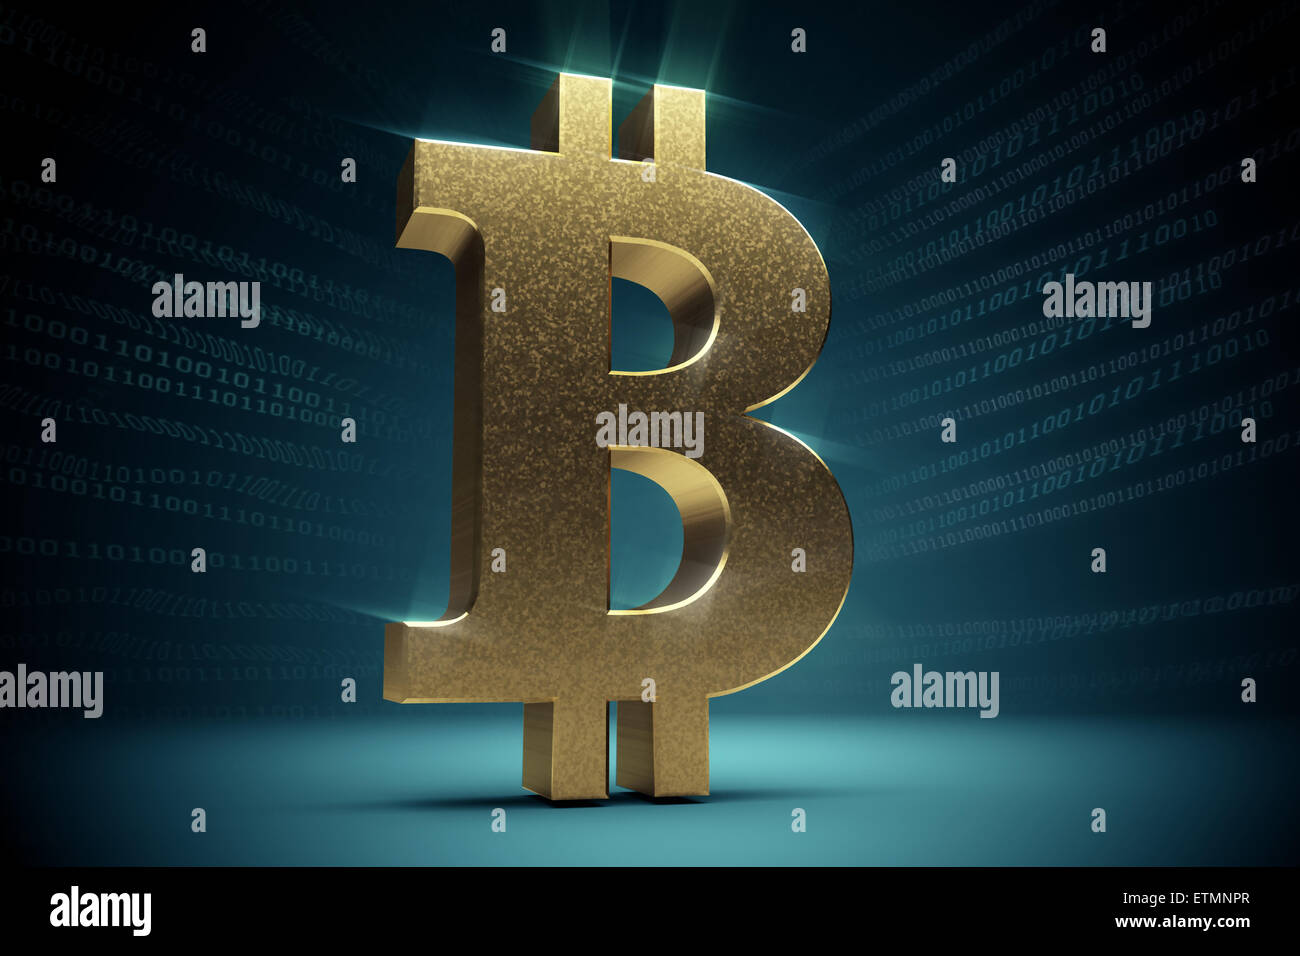 Representación estilizada de Bitcoin, una moneda digital. Imagen De Stock